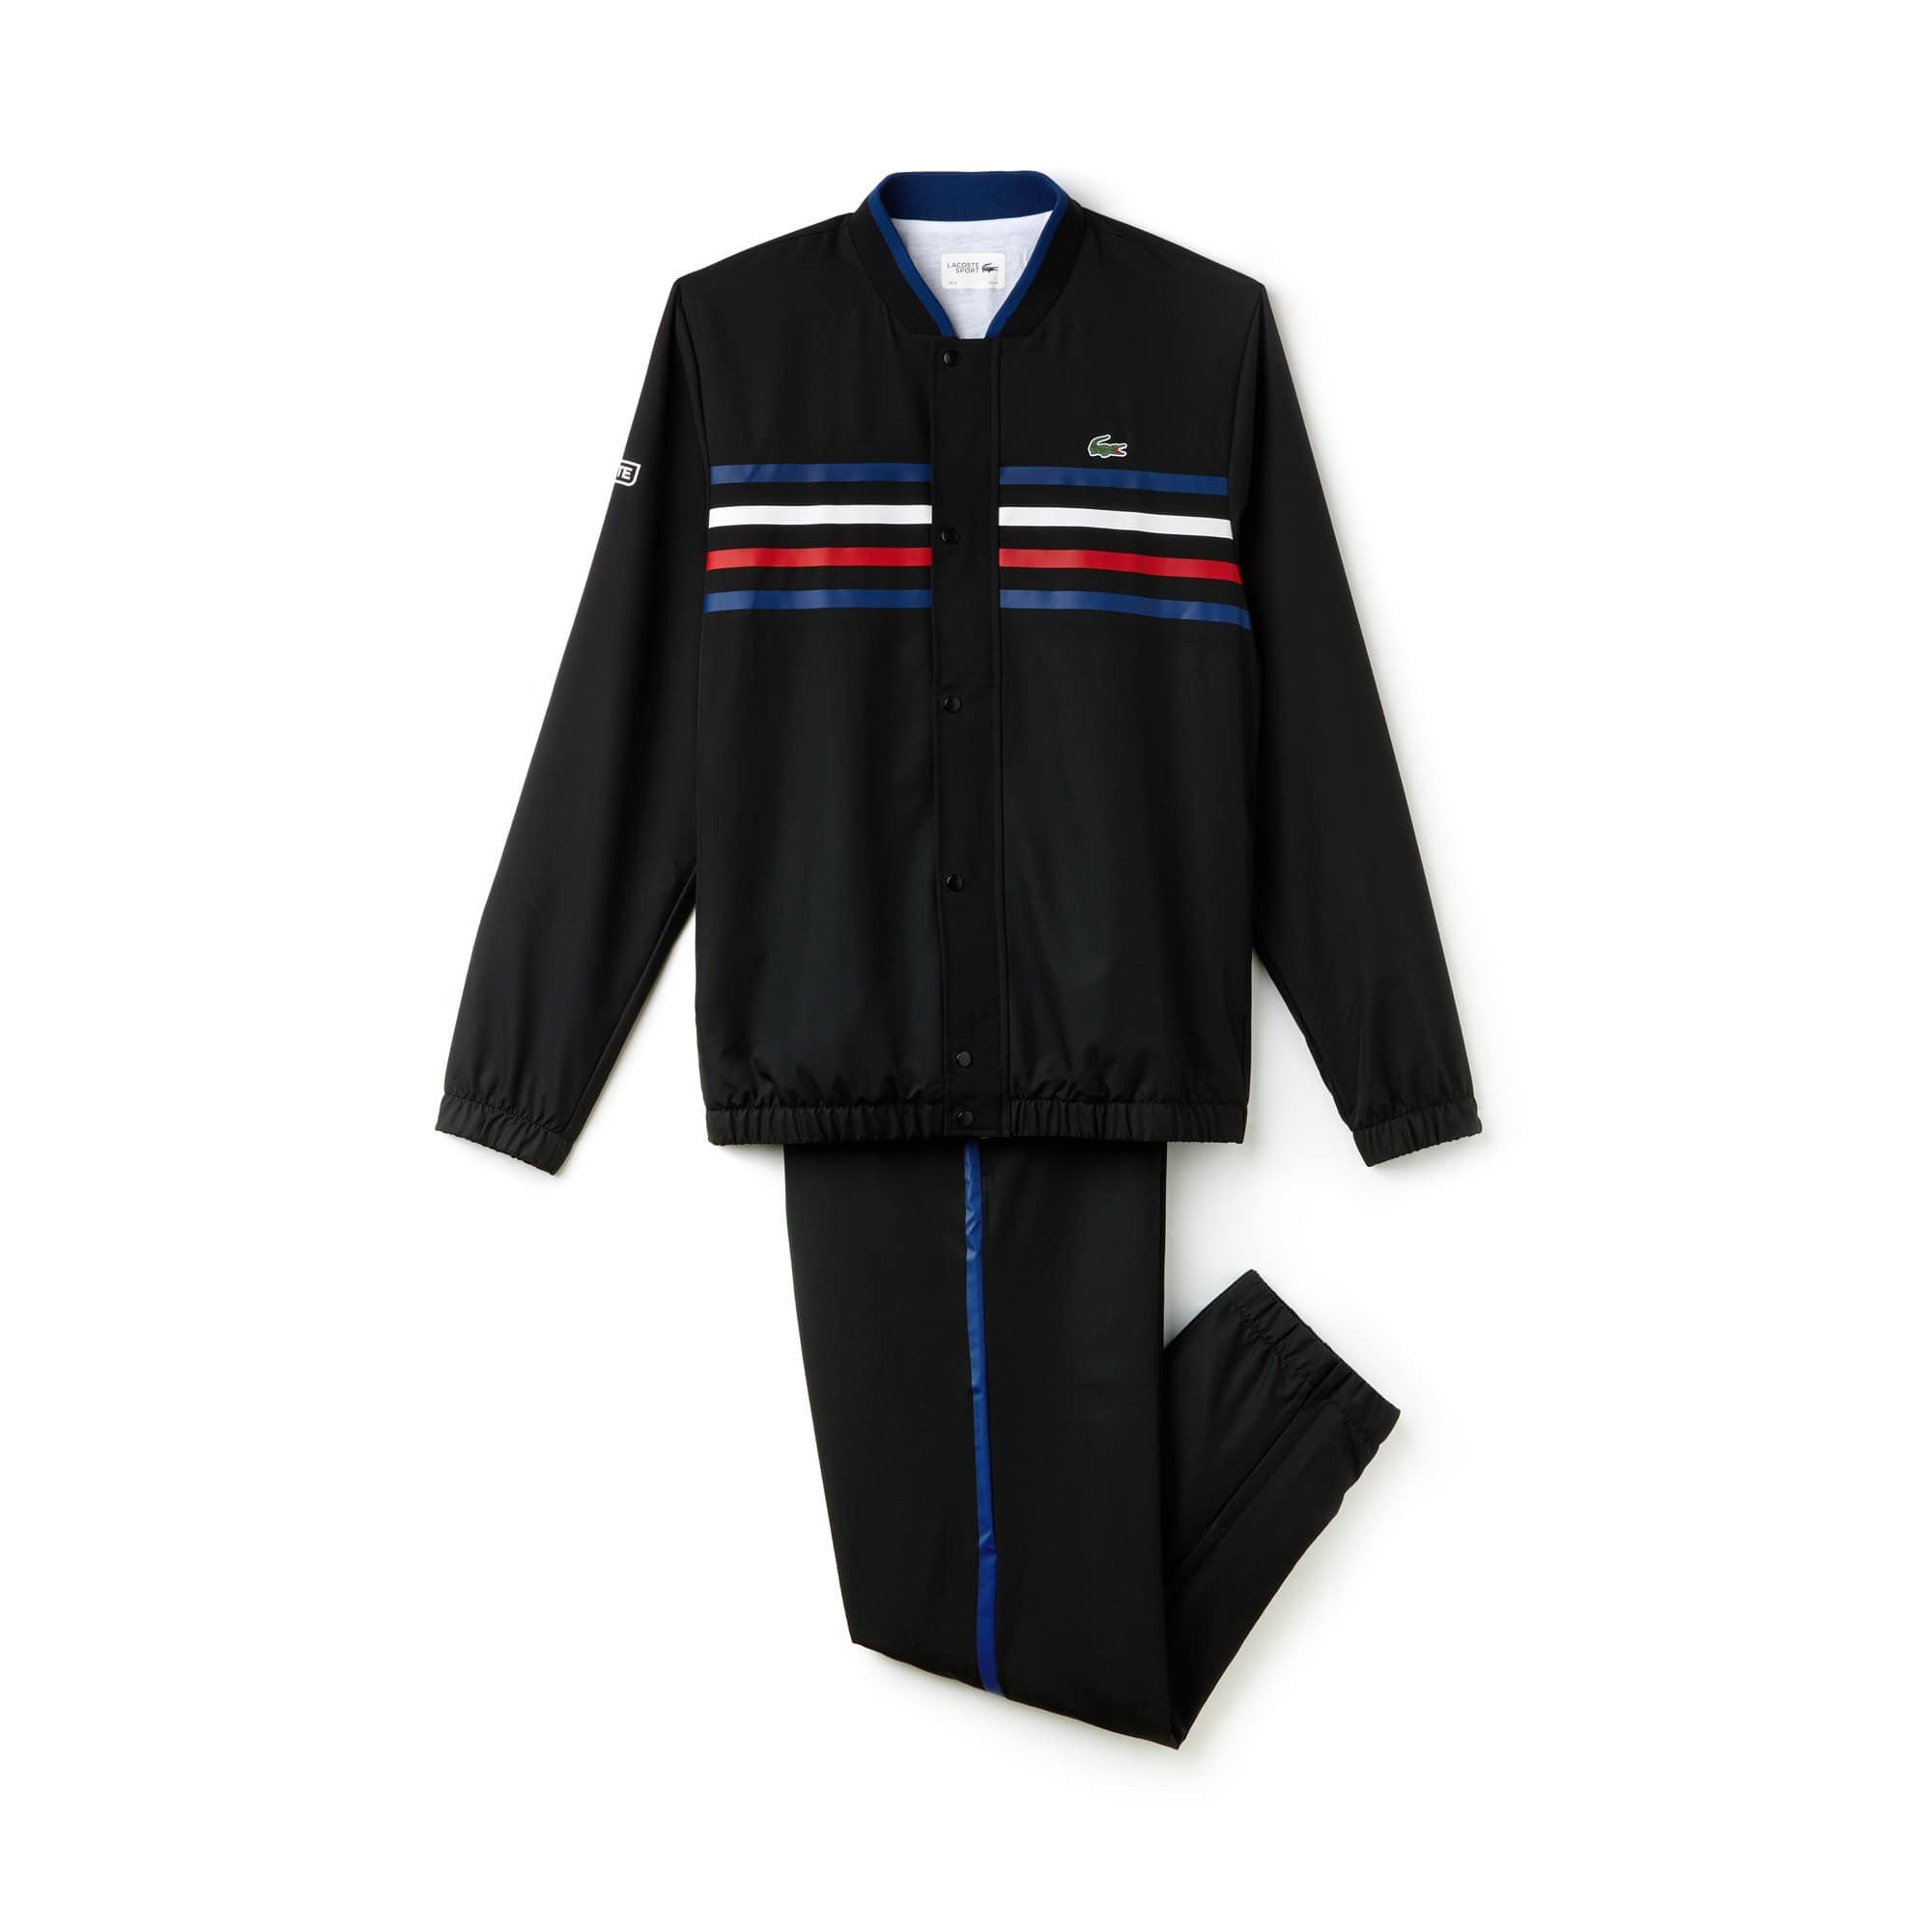 라코스테 스포츠 트랙 수트 Lacoste Mens SPORT Colored Bands Tennis Tracksuit,black/marino-white-red-wh